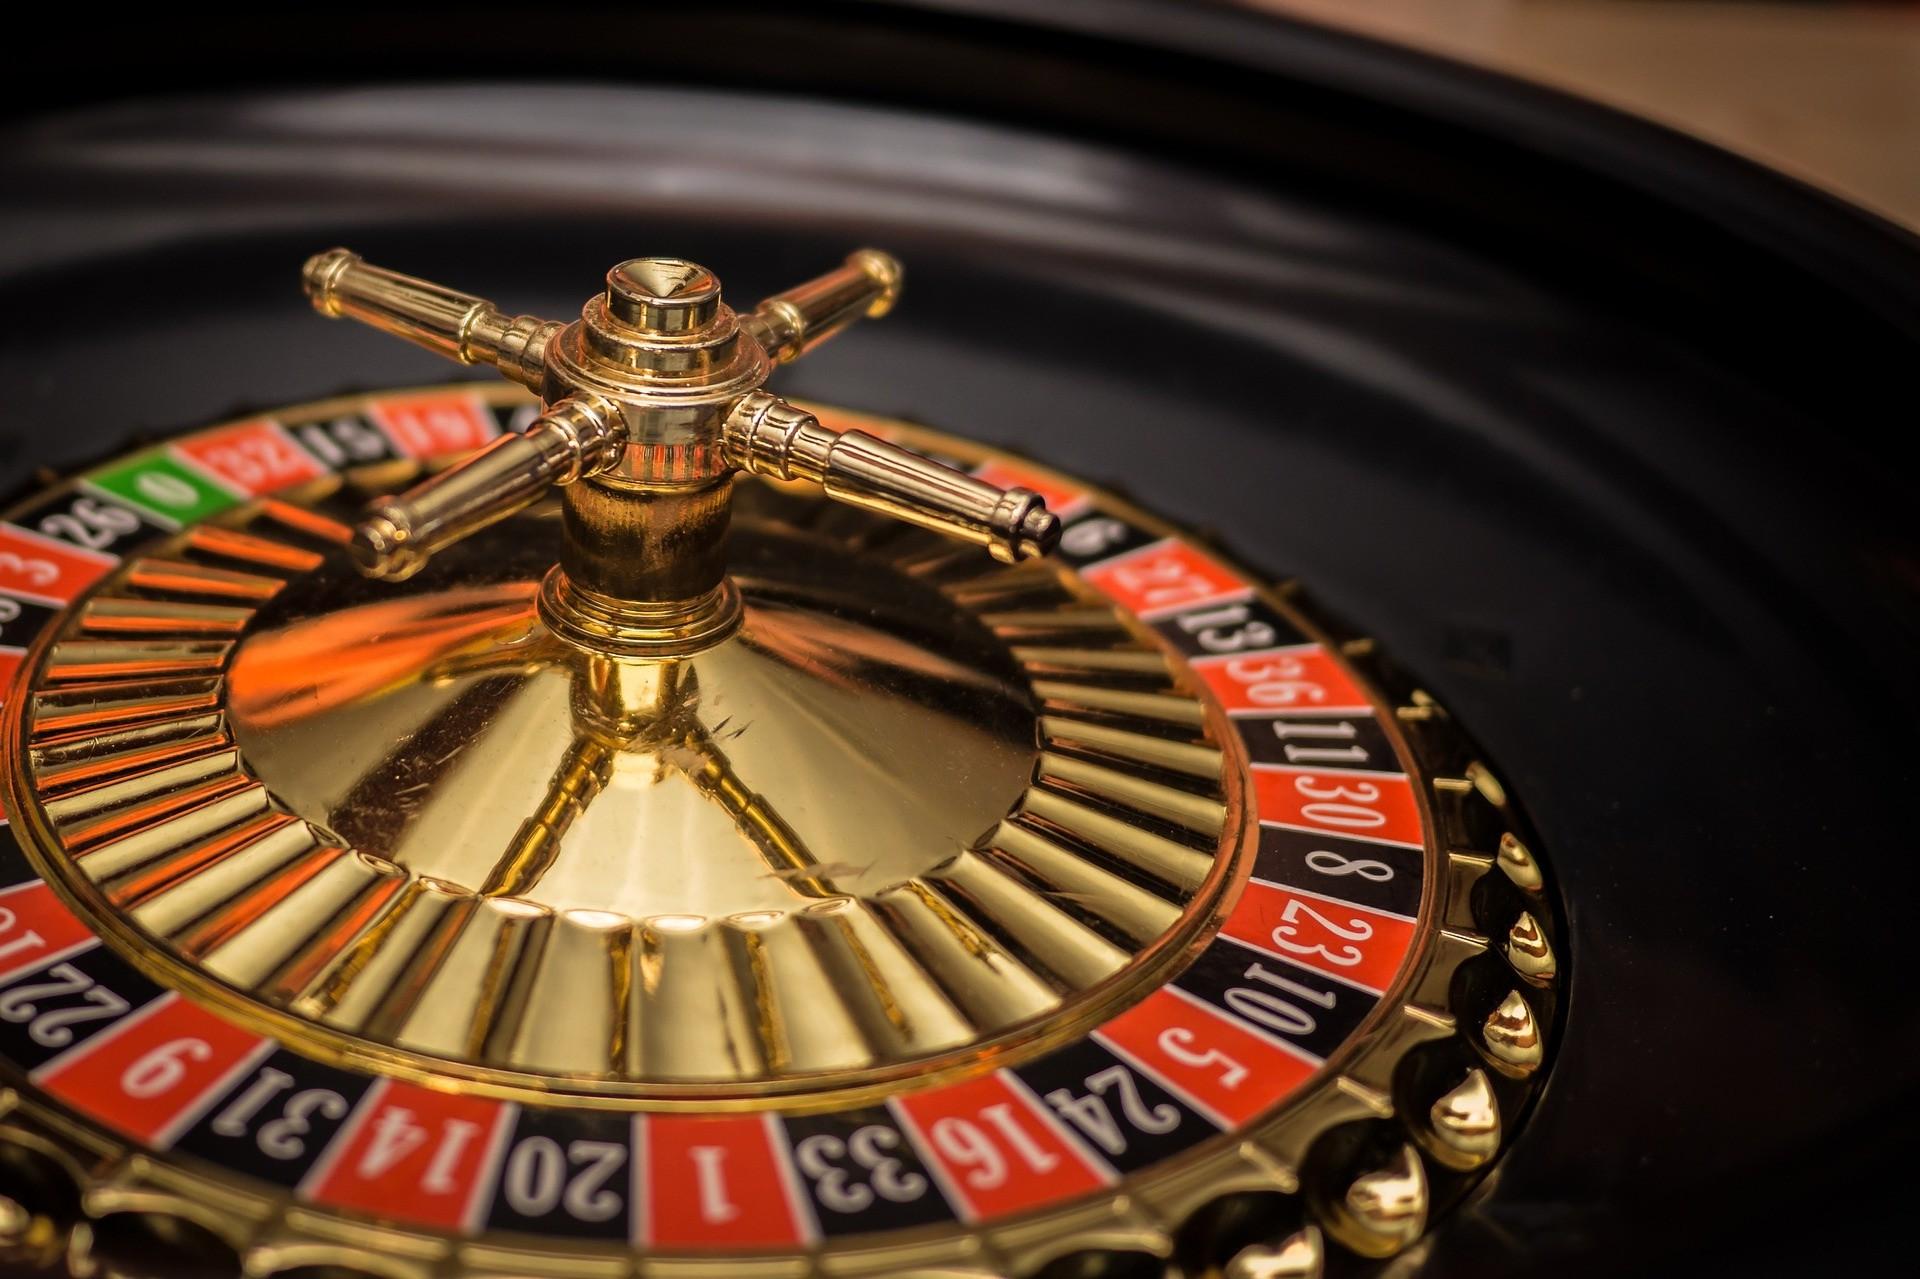 Spielen im Internet - Roulette, Online-Casinos und Co. Die Digitalisierung verändert seit vielen Jahren sämtliche Bereiche des alltäglichen Lebens.